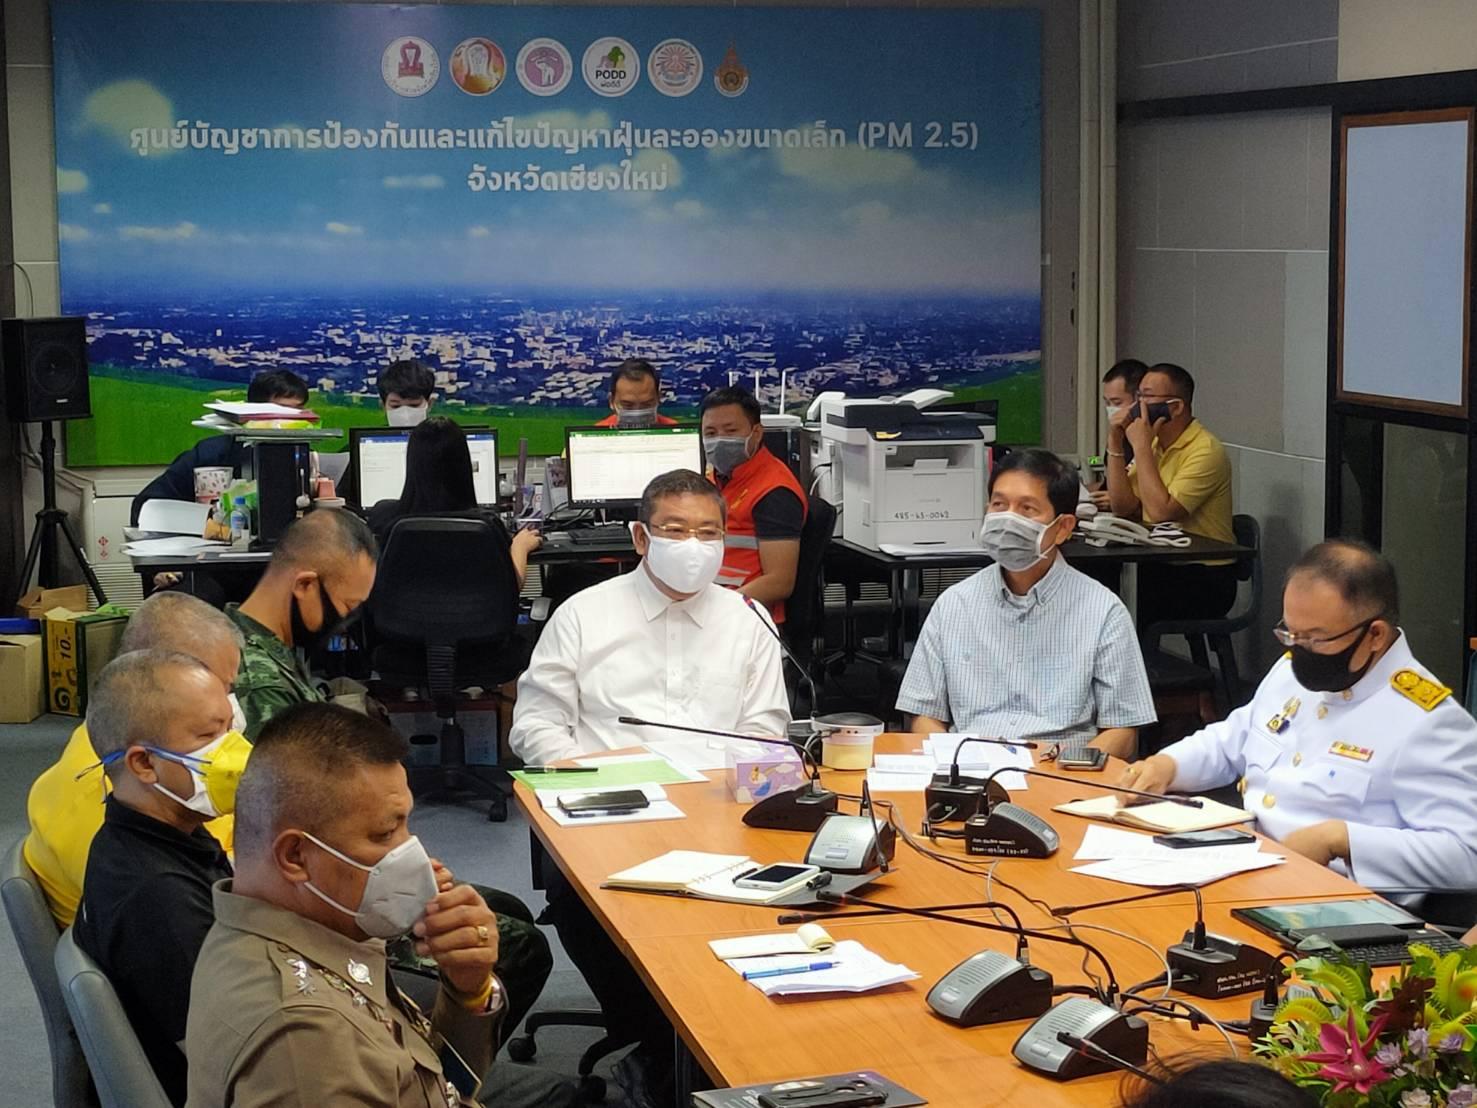 ผู้ว่าฯ เชียงใหม่สั่งเพิ่มชุดลาดตระเวนสกัดไฟเผาป่า จับตา 7 อำเภอไหม้ซ้ำซาก